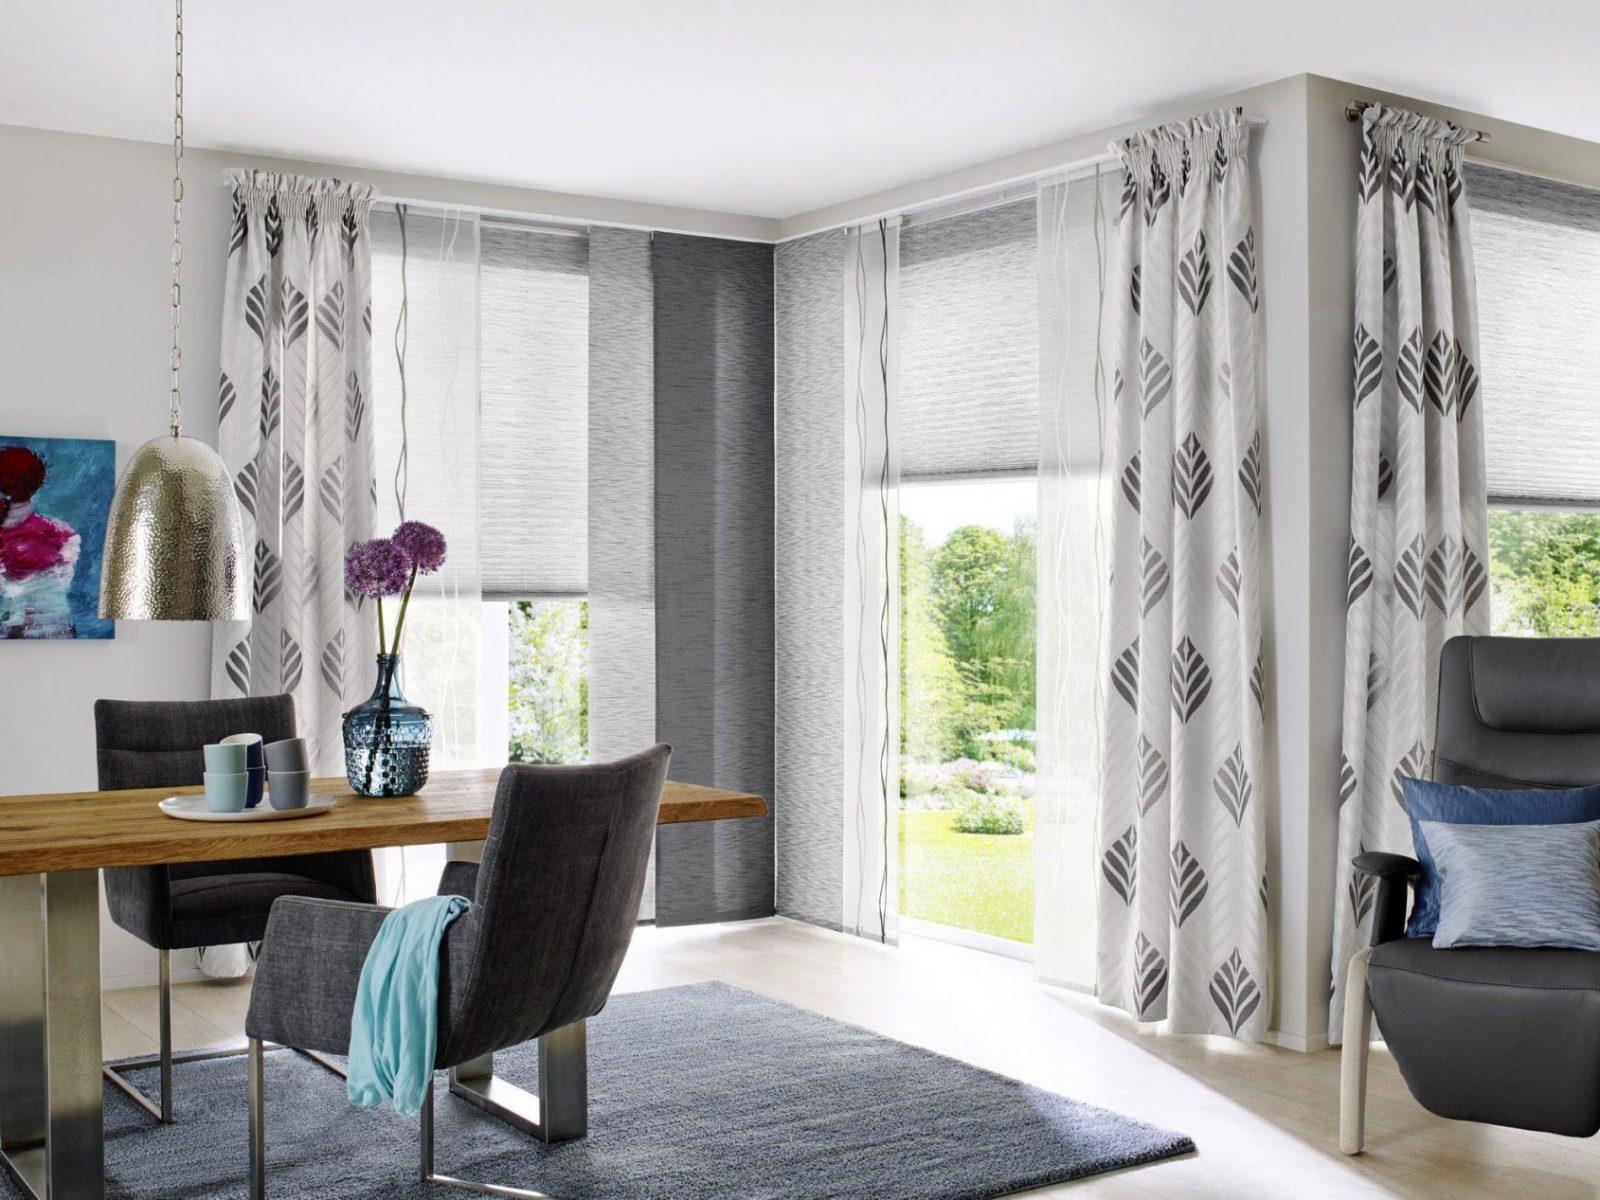 Unland Grace Fensterideen Vorhang Gardinen Und Sonnenschutz von Unland Gardinen Muster Bild